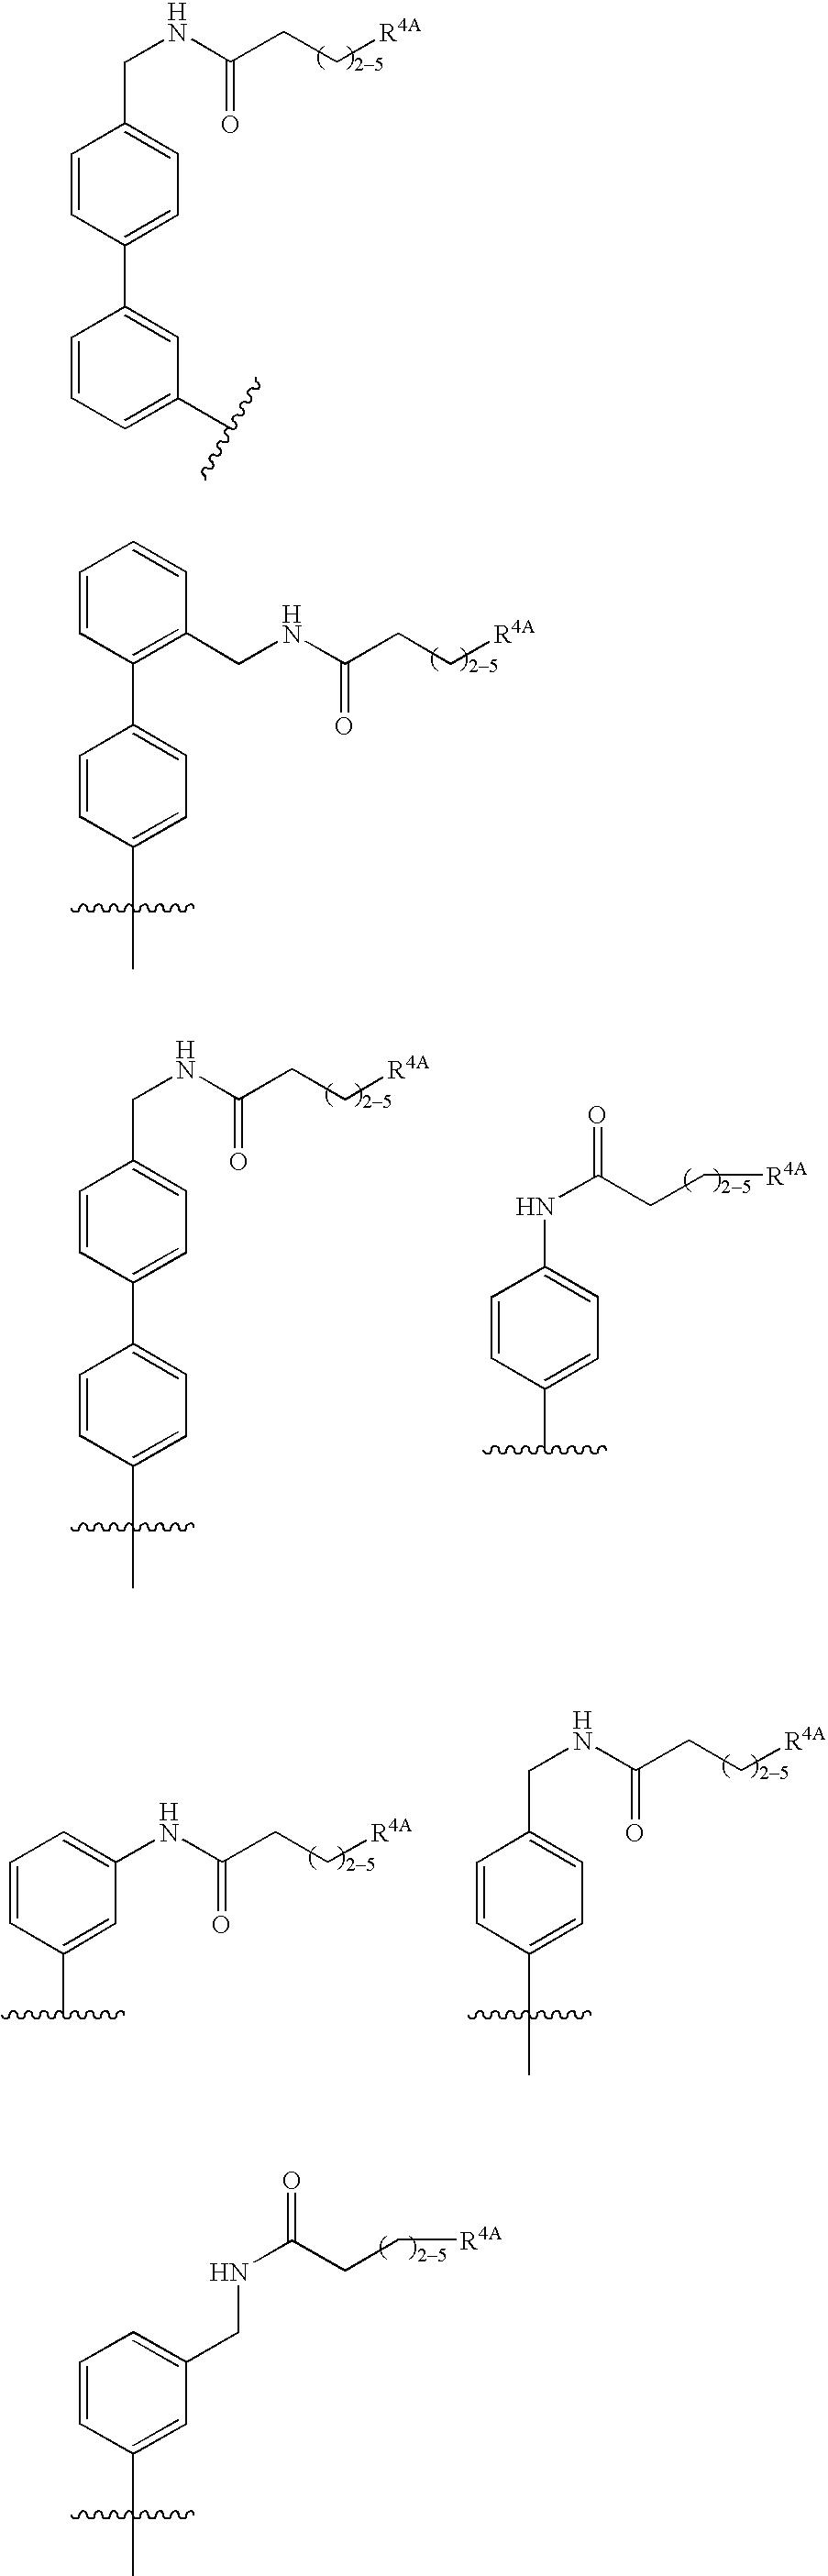 Figure US20040072849A1-20040415-C00063